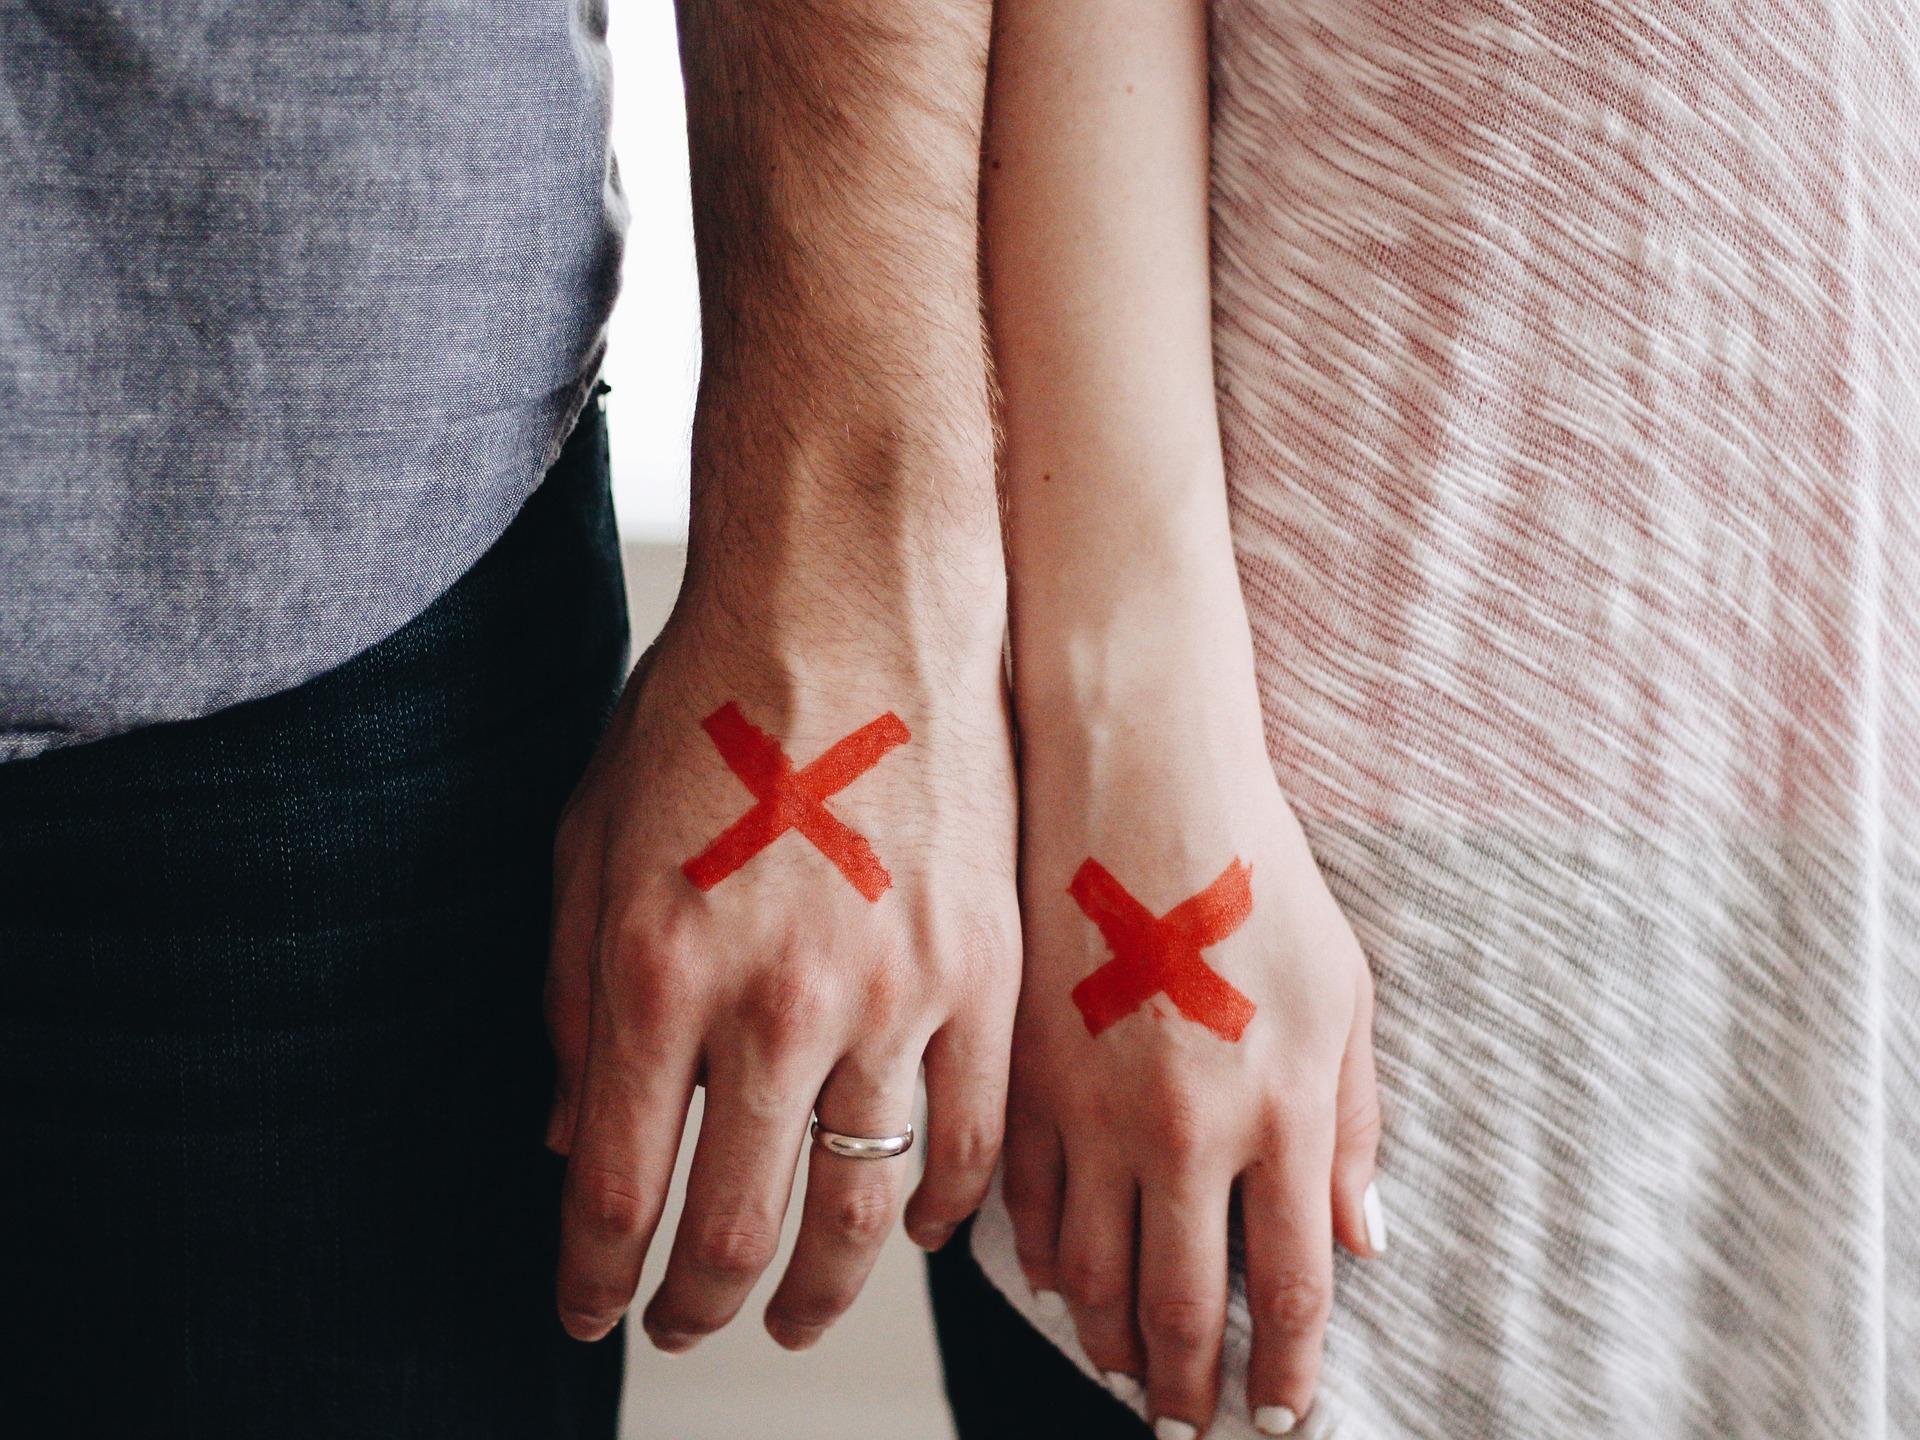 Com es fa un contracte prematrimonial?